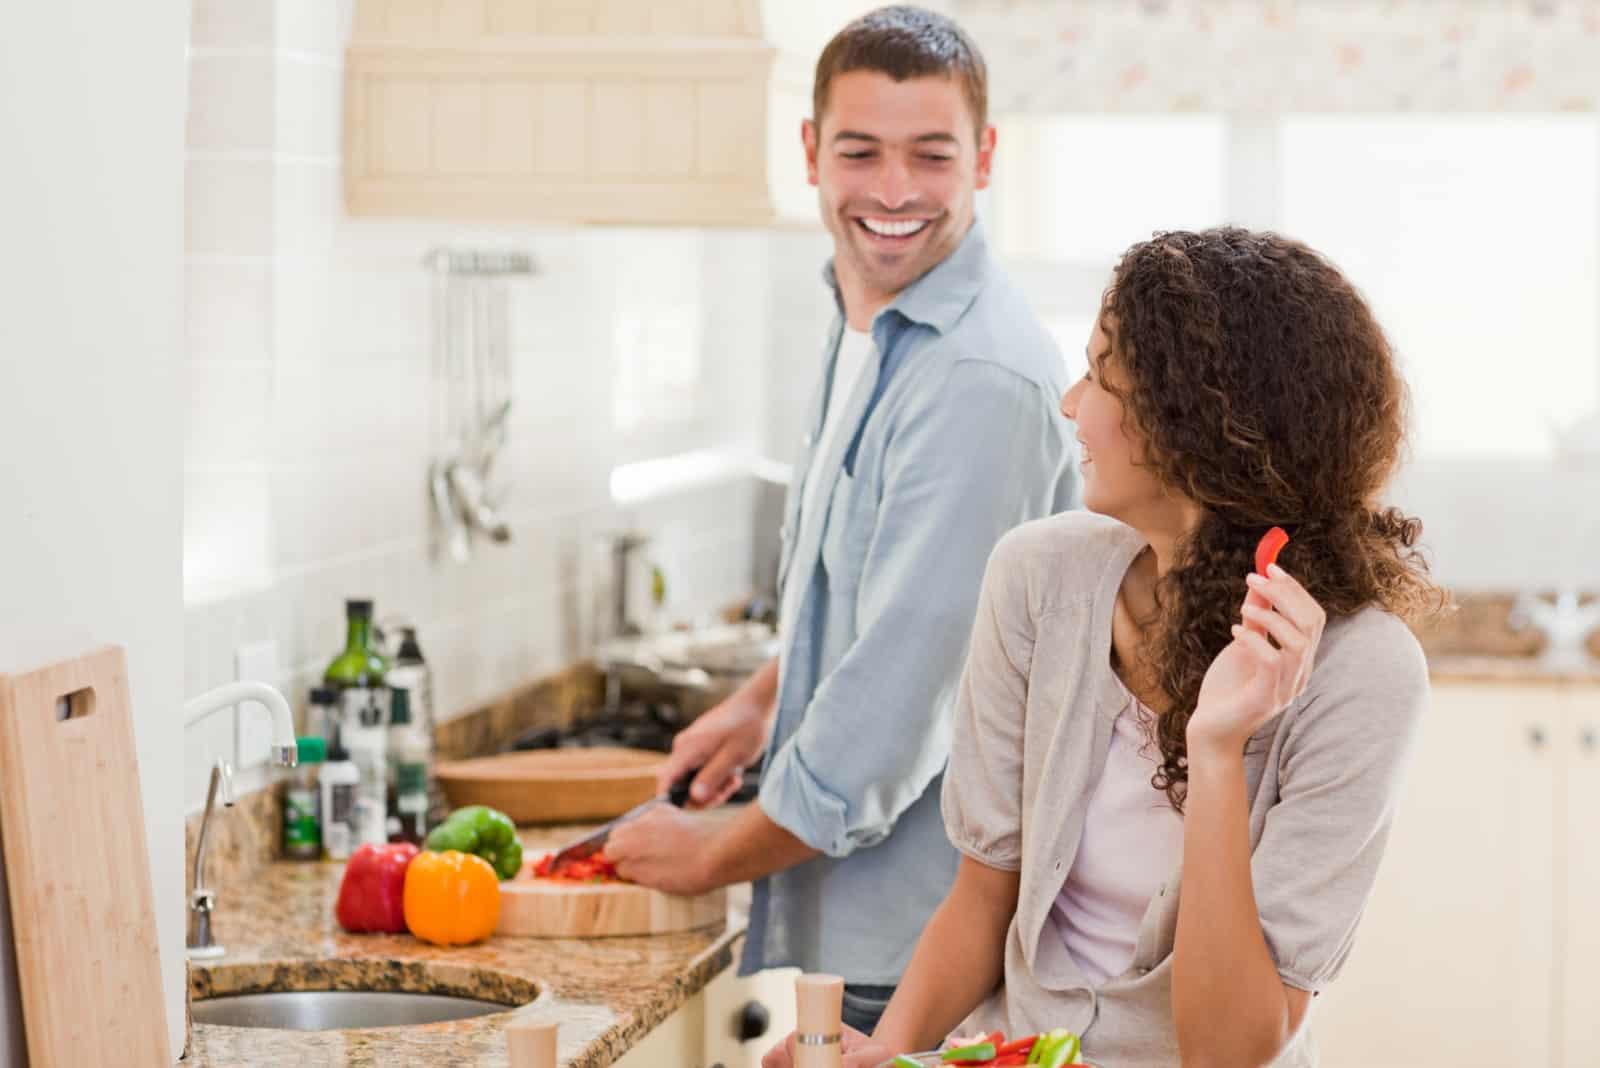 un homme cuisine tandis qu'une femme se tient dans la cuisine